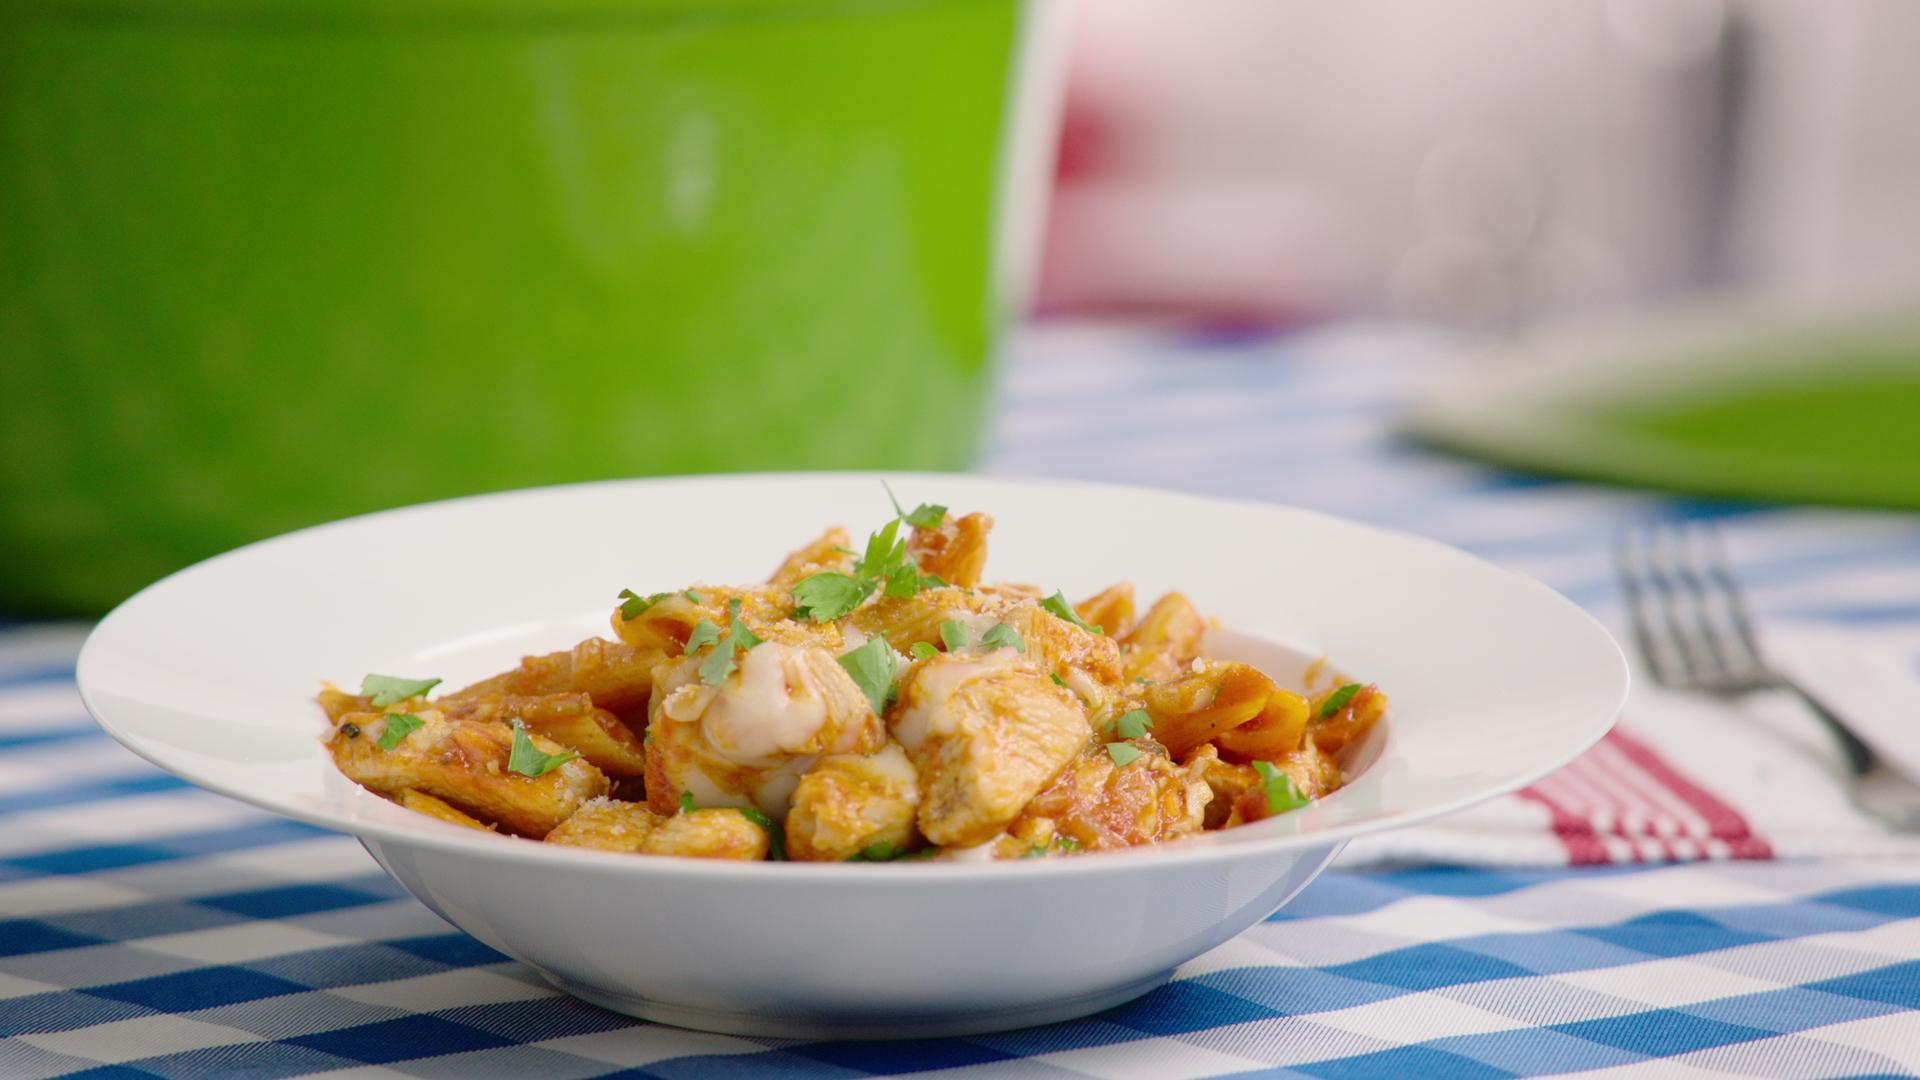 Best Bites: Weeknight meals one-pot chicken parm pasta